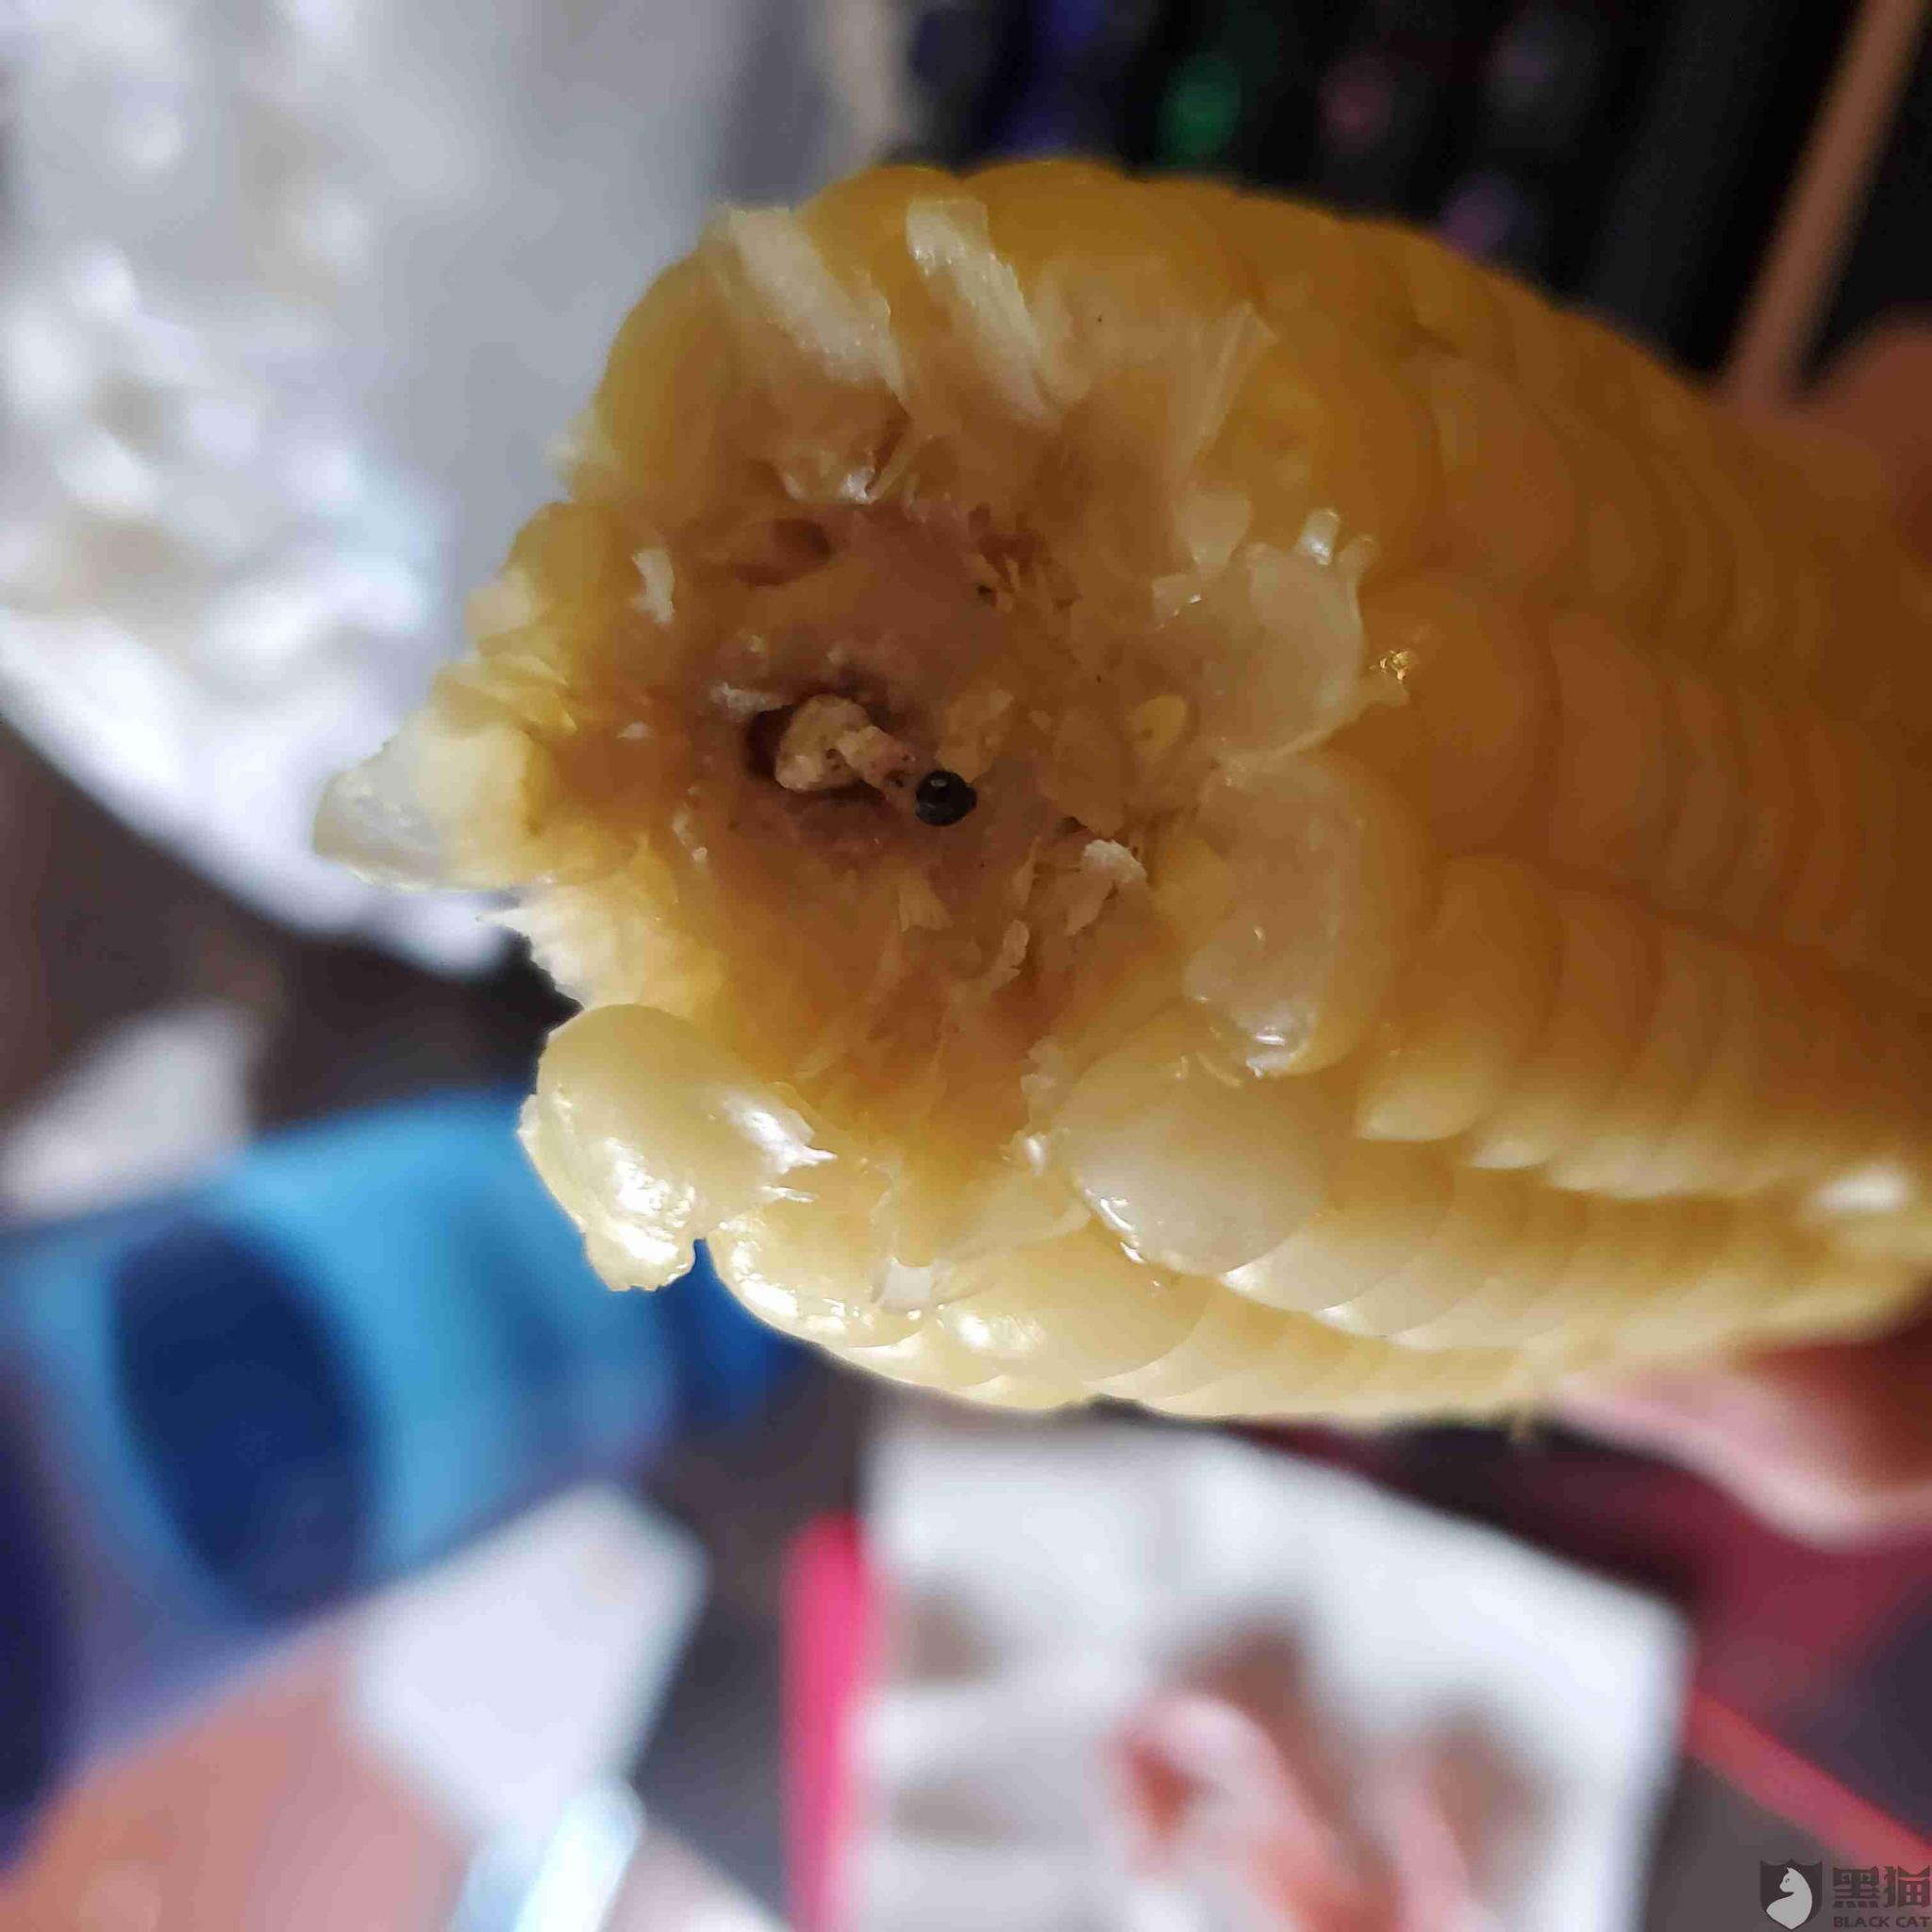 黑猫投诉:在美团上的好味当大食堂点的玉米里面有一个大虫子